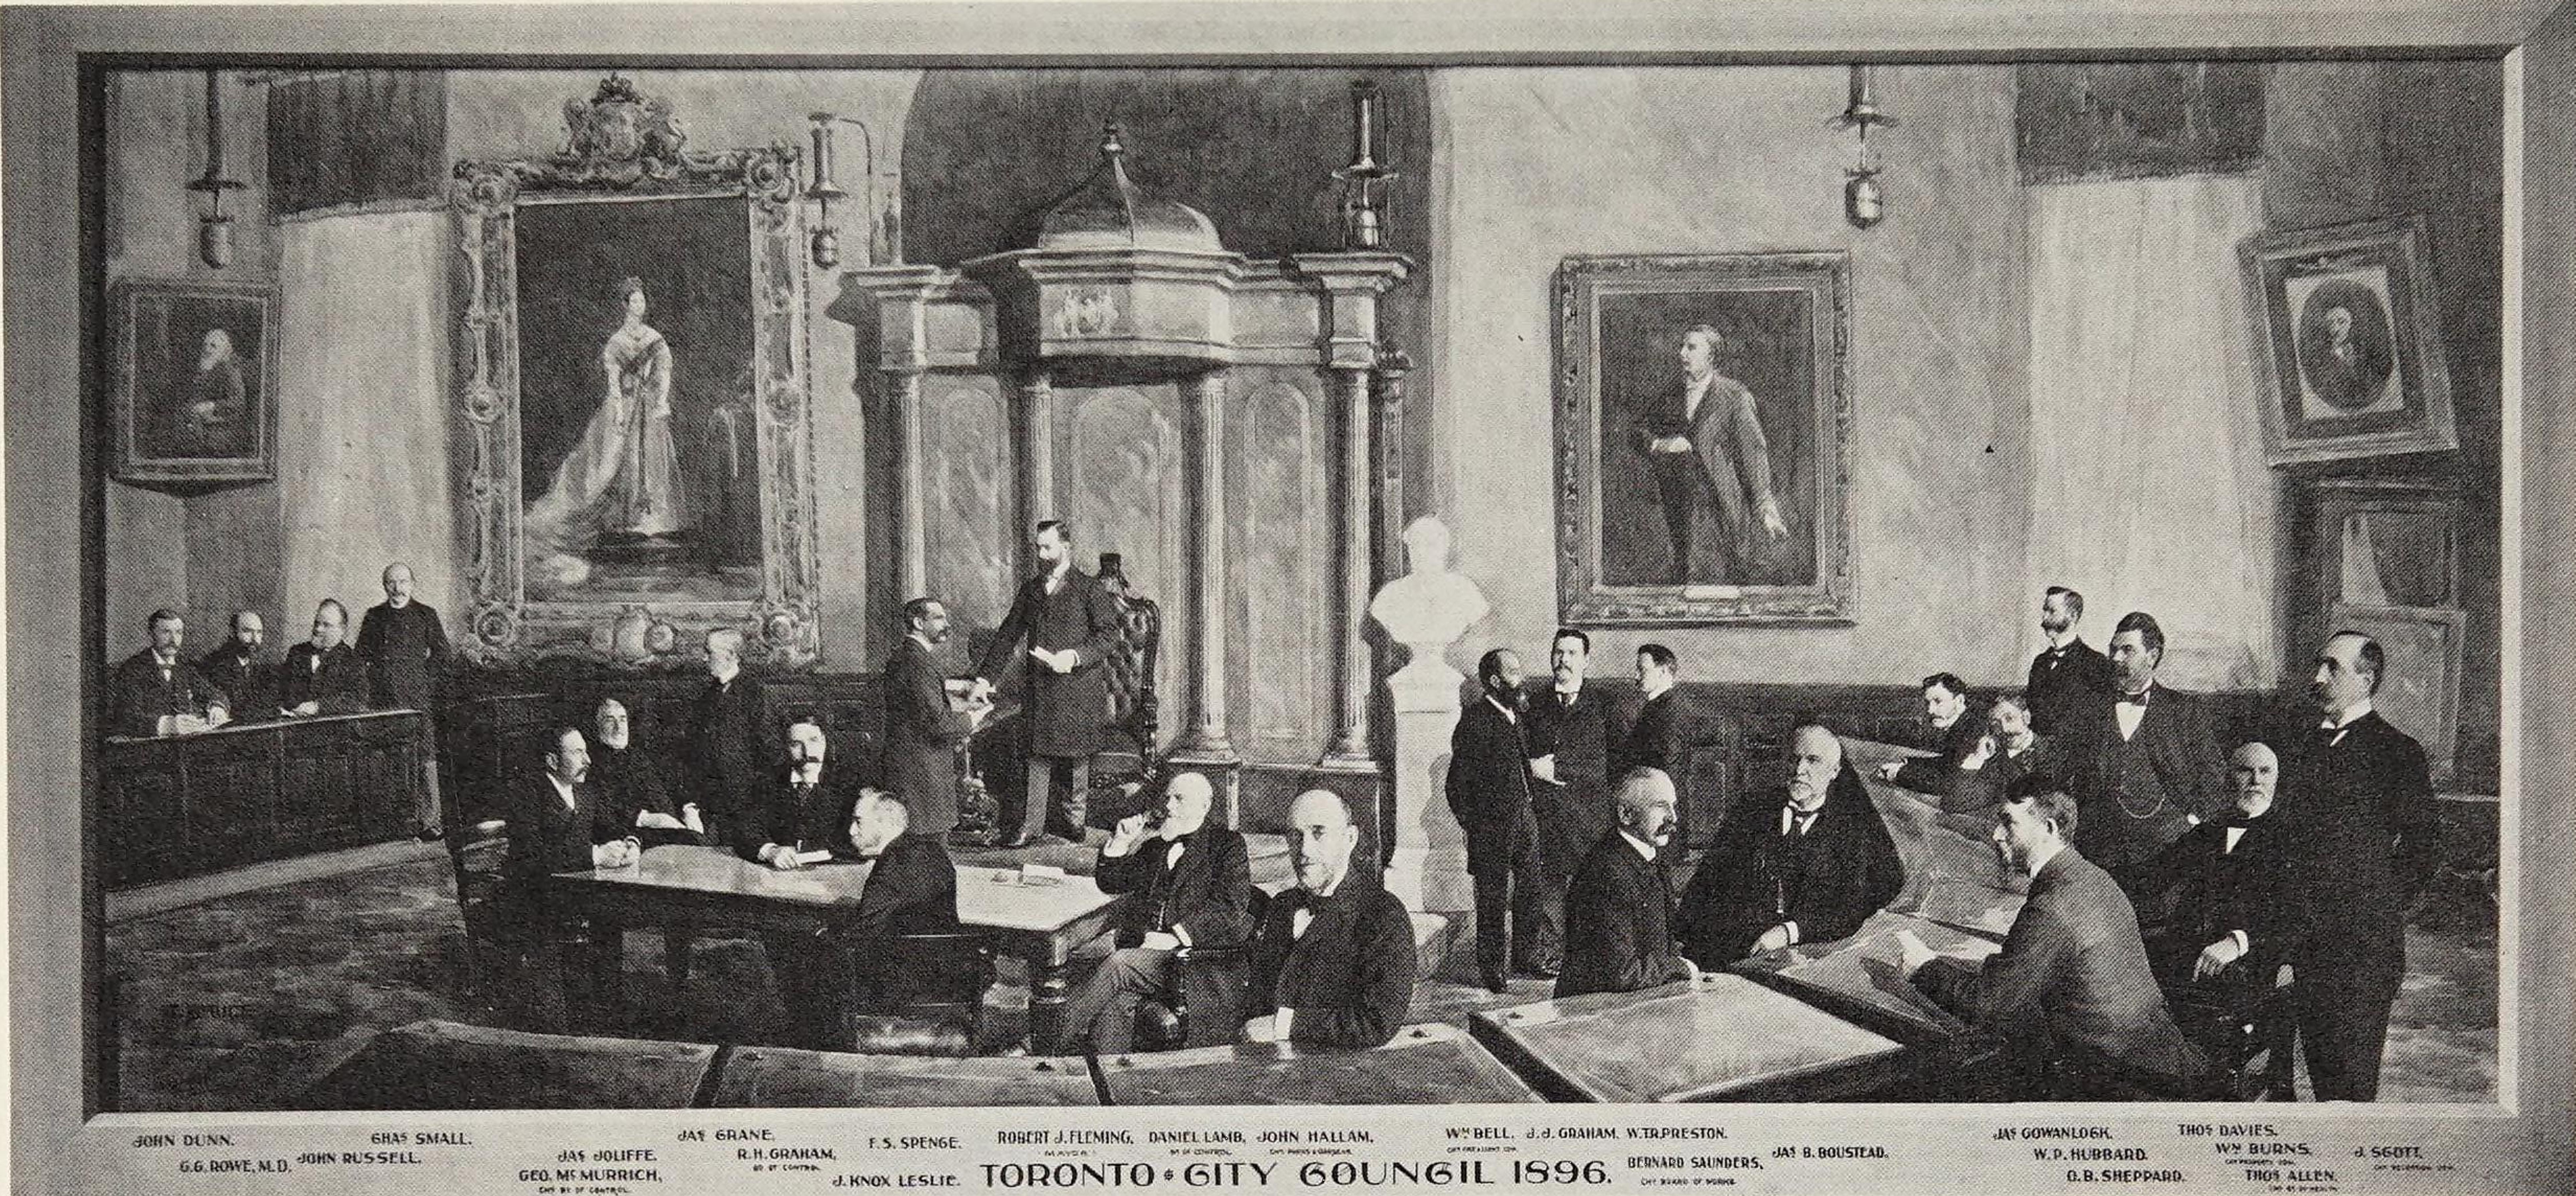 Toronto City Council 1896